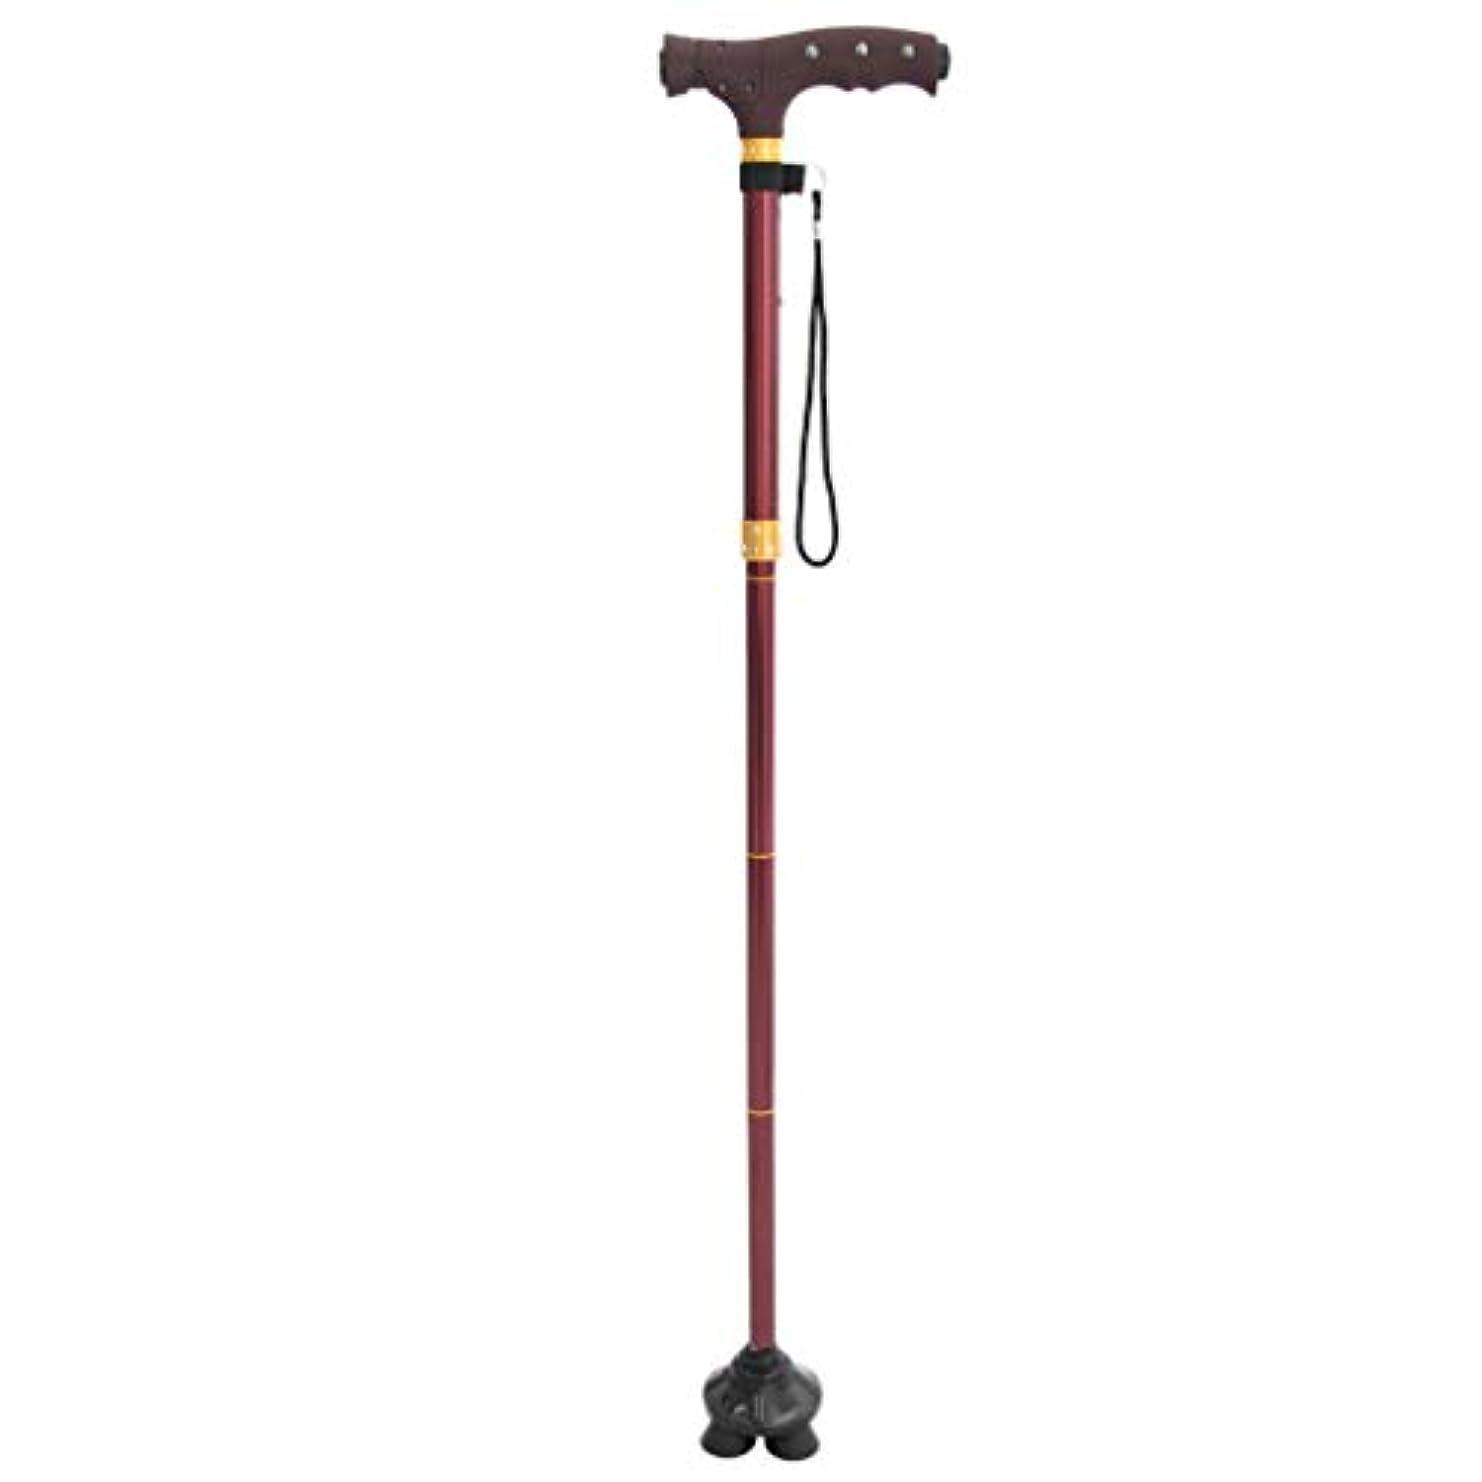 航海の森富杖 介護 折りたたみ LEDライト ウォーキングスティック 高齢者 転倒防止 歩行支援 全4色 - #1